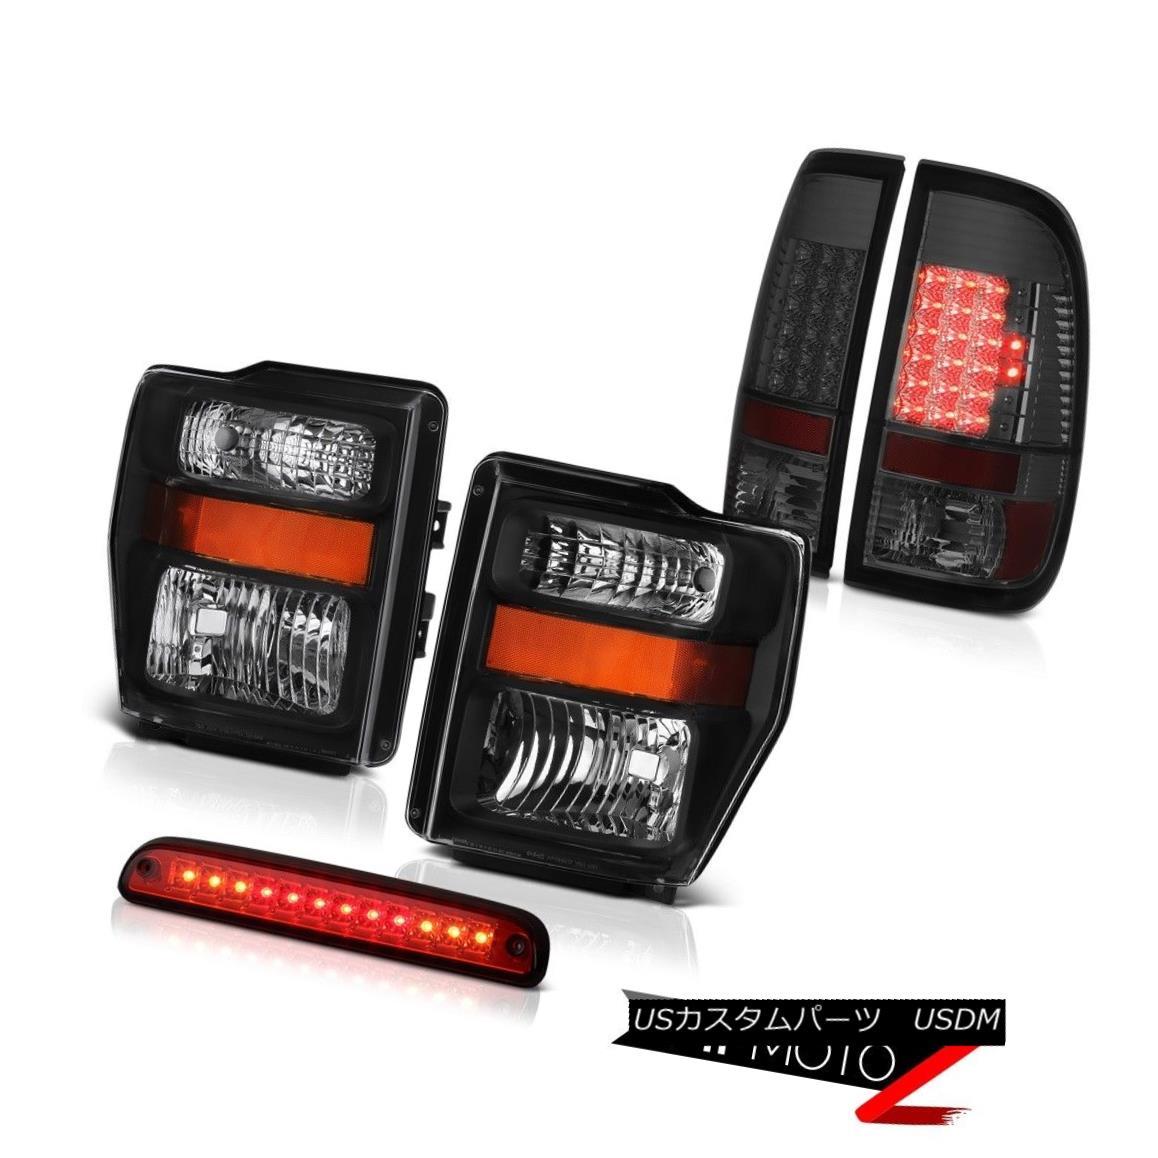 ヘッドライト 2008 2009 2010 Ford SuperDuty Black Headlights Smoke LED Taillights Brake Cargo 2008年2009年2010年フォードスーパーデューティブラックヘッドライトスモークLEDティアライトブレーキカーゴ